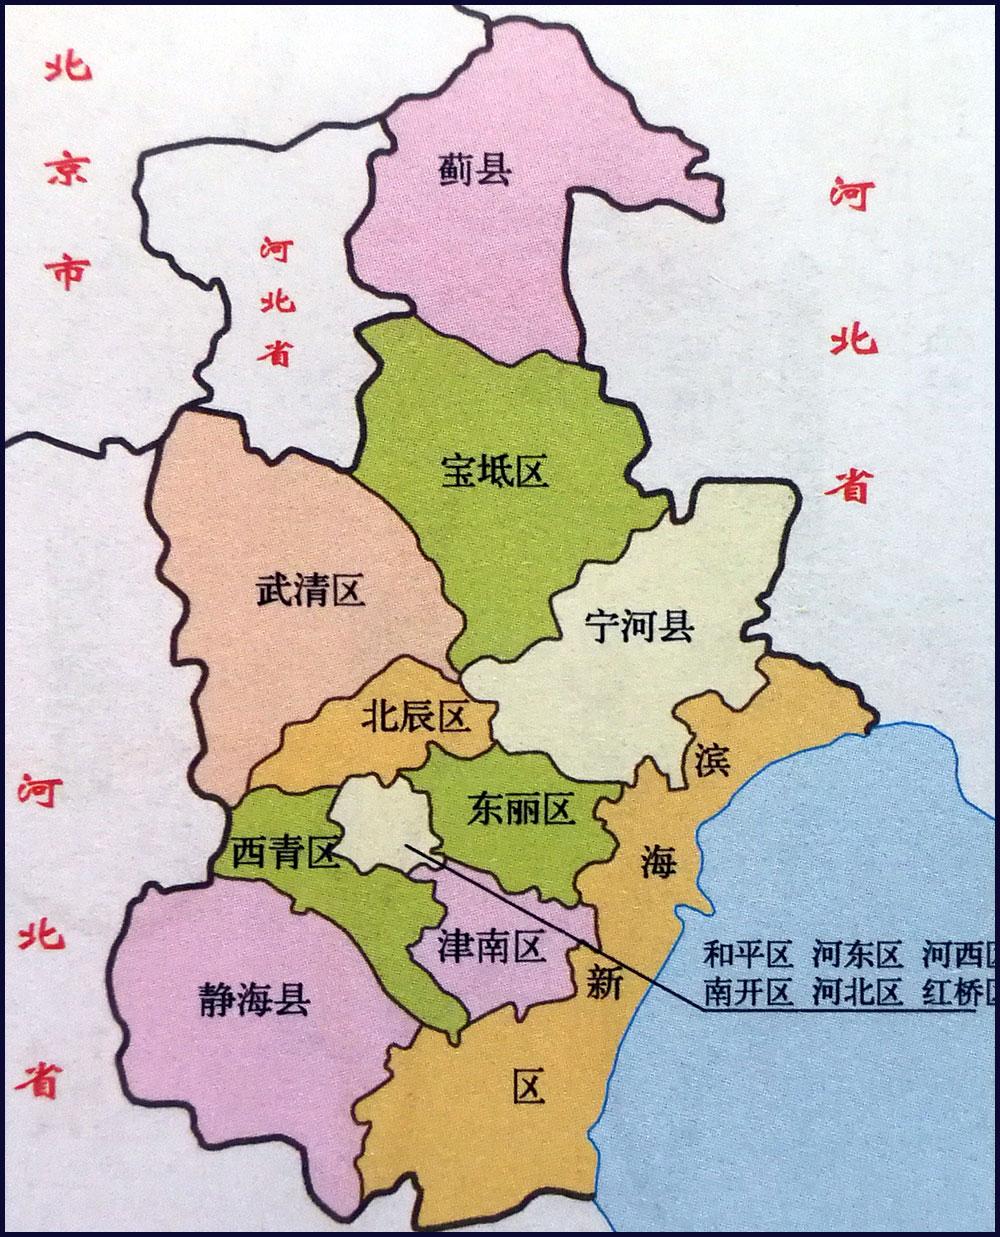 天津地图简图图片